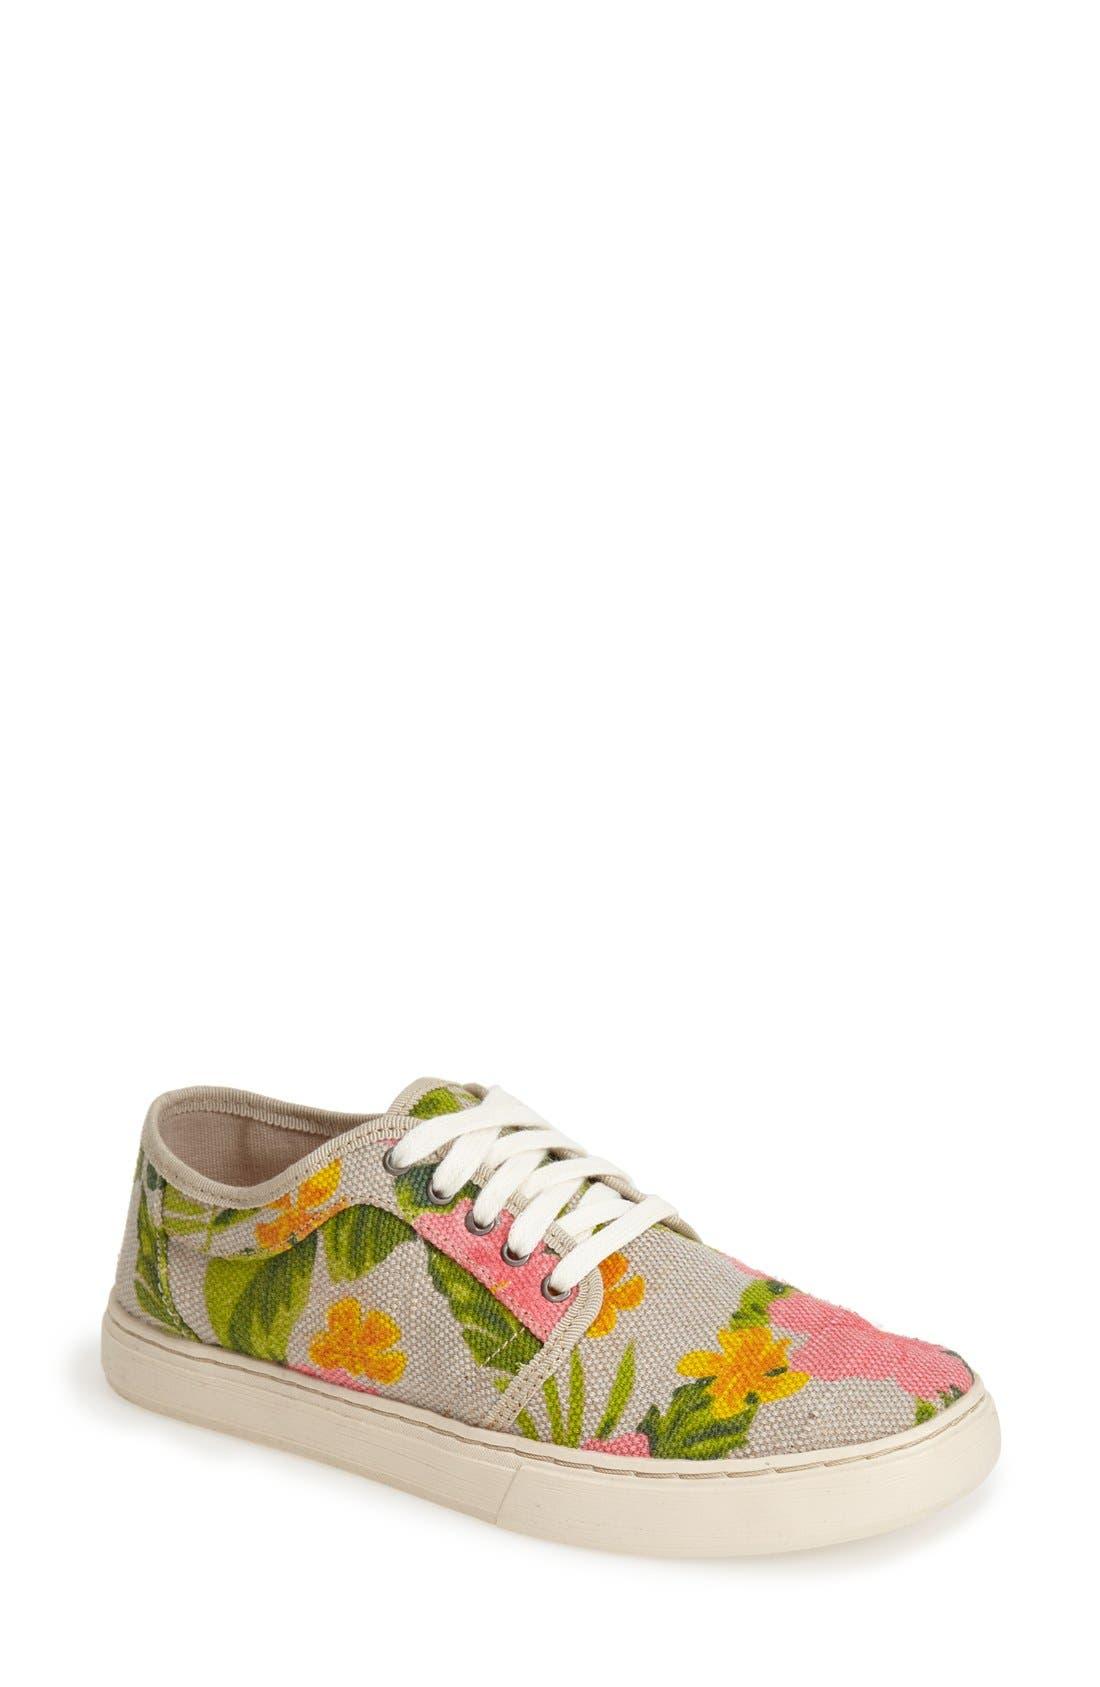 Main Image - Sole Society 'Kalin' Sneaker (Women)